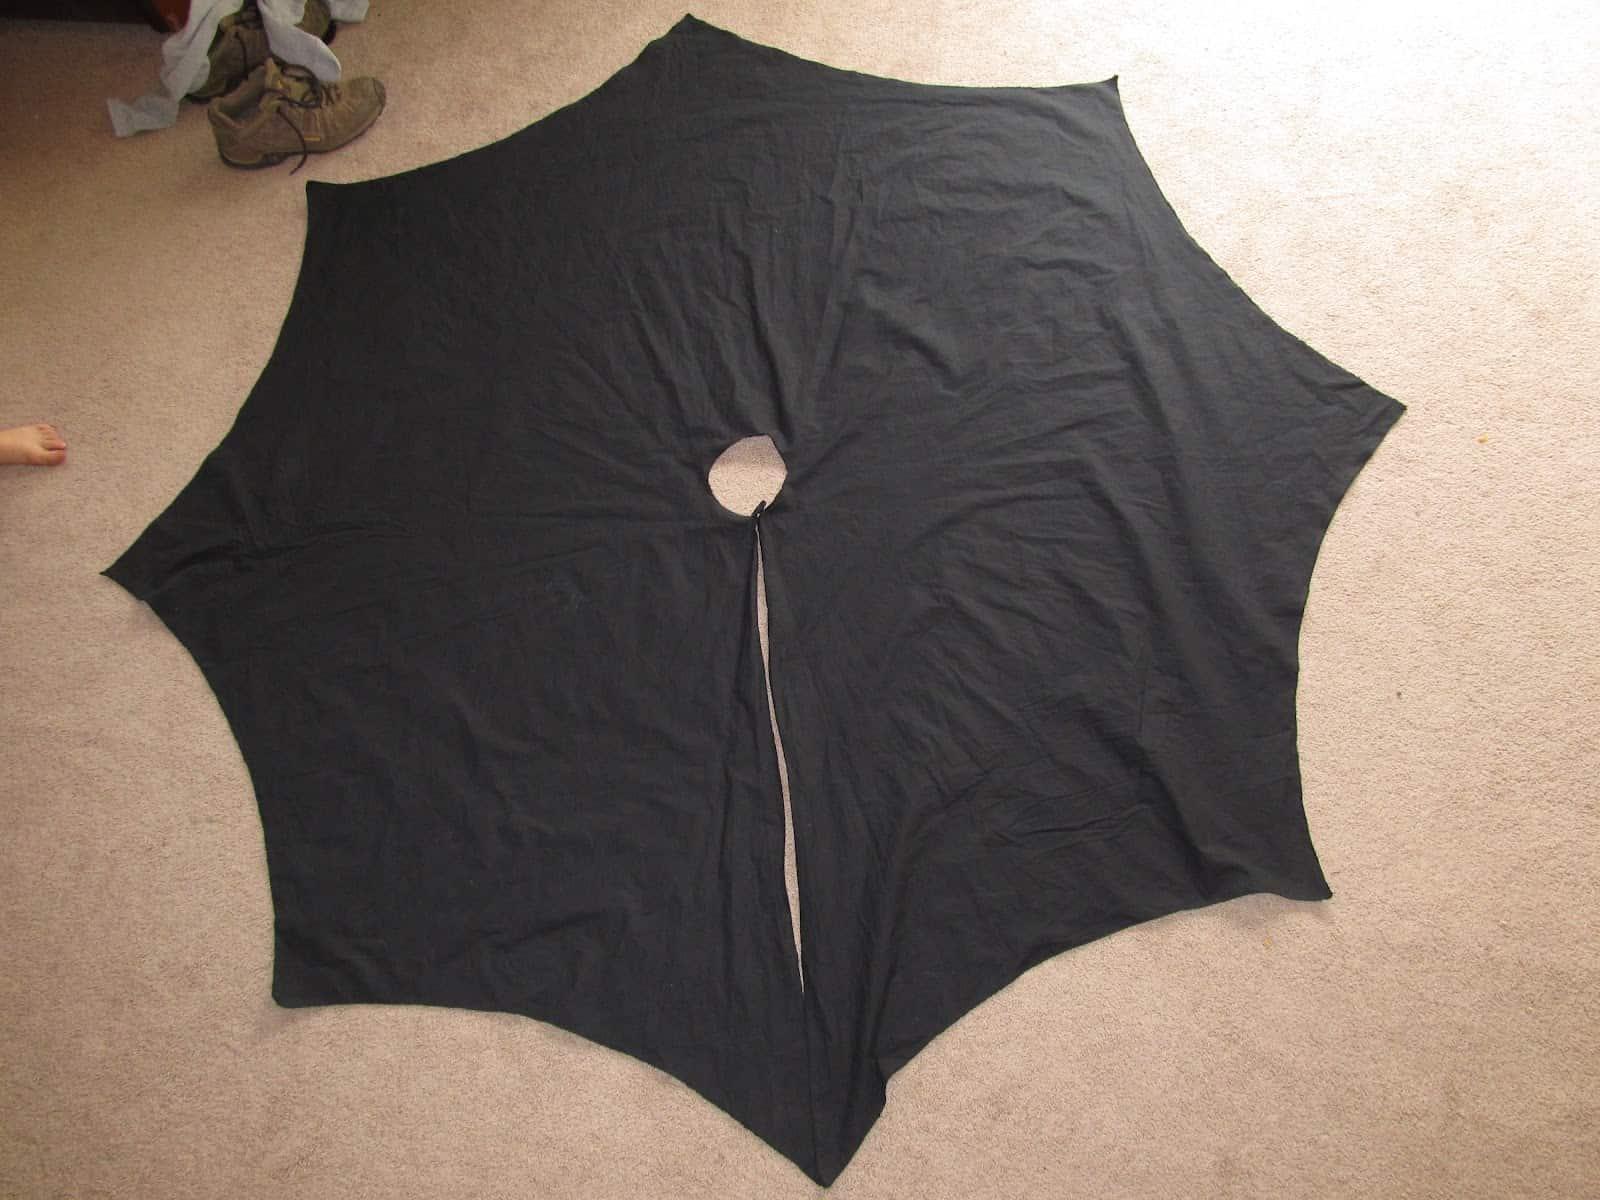 Full circle Batman cape